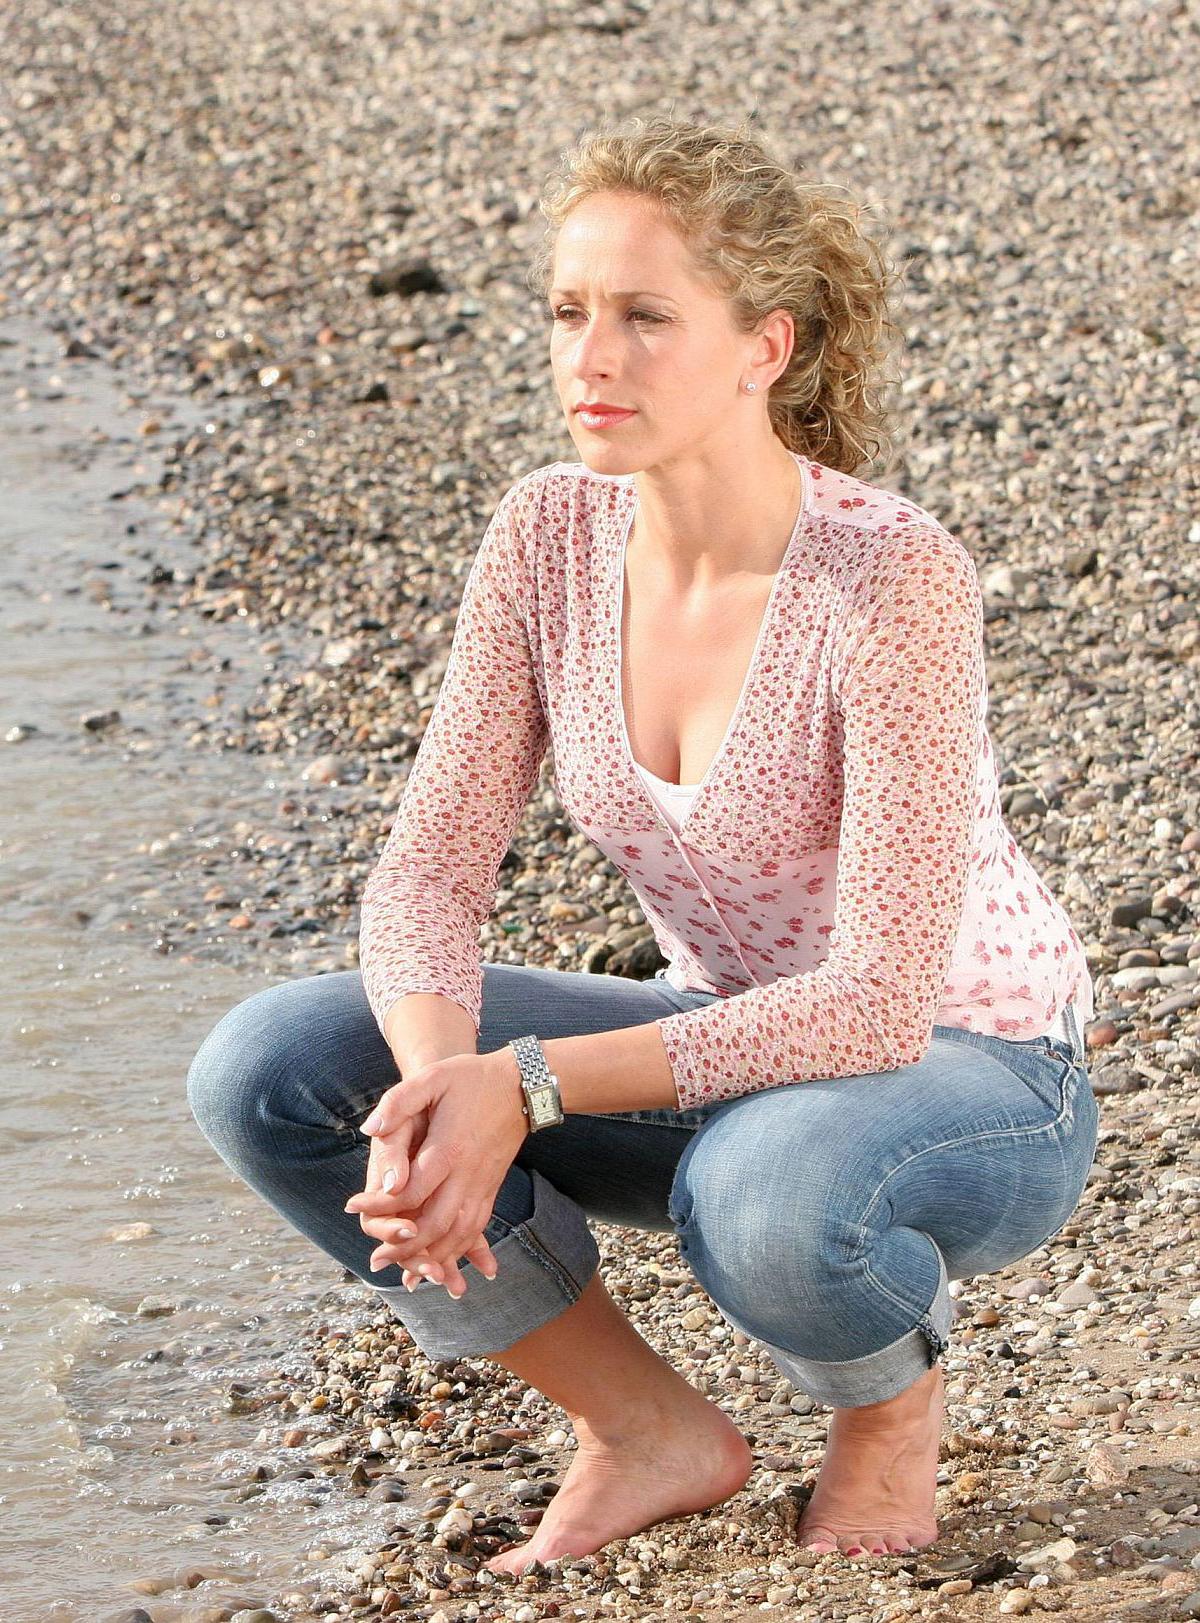 Tamina Kallerts Feet